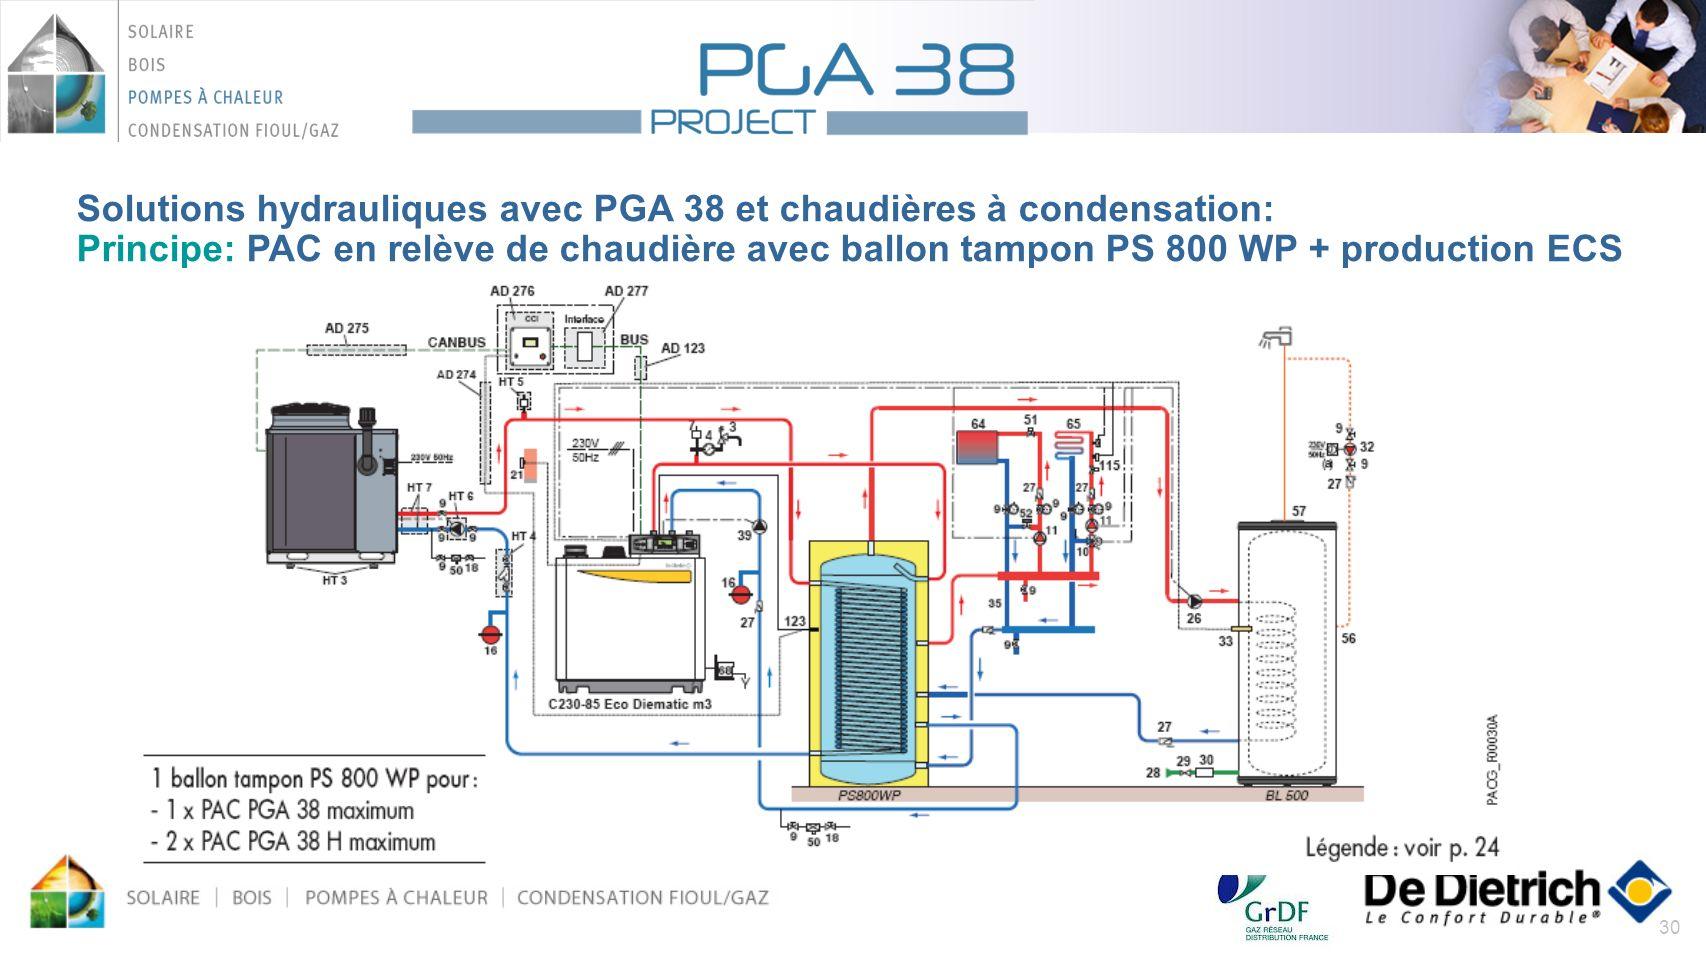 30 Solutions hydrauliques avec PGA 38 et chaudières à condensation: Principe: PAC en relève de chaudière avec ballon tampon PS 800 WP + production ECS